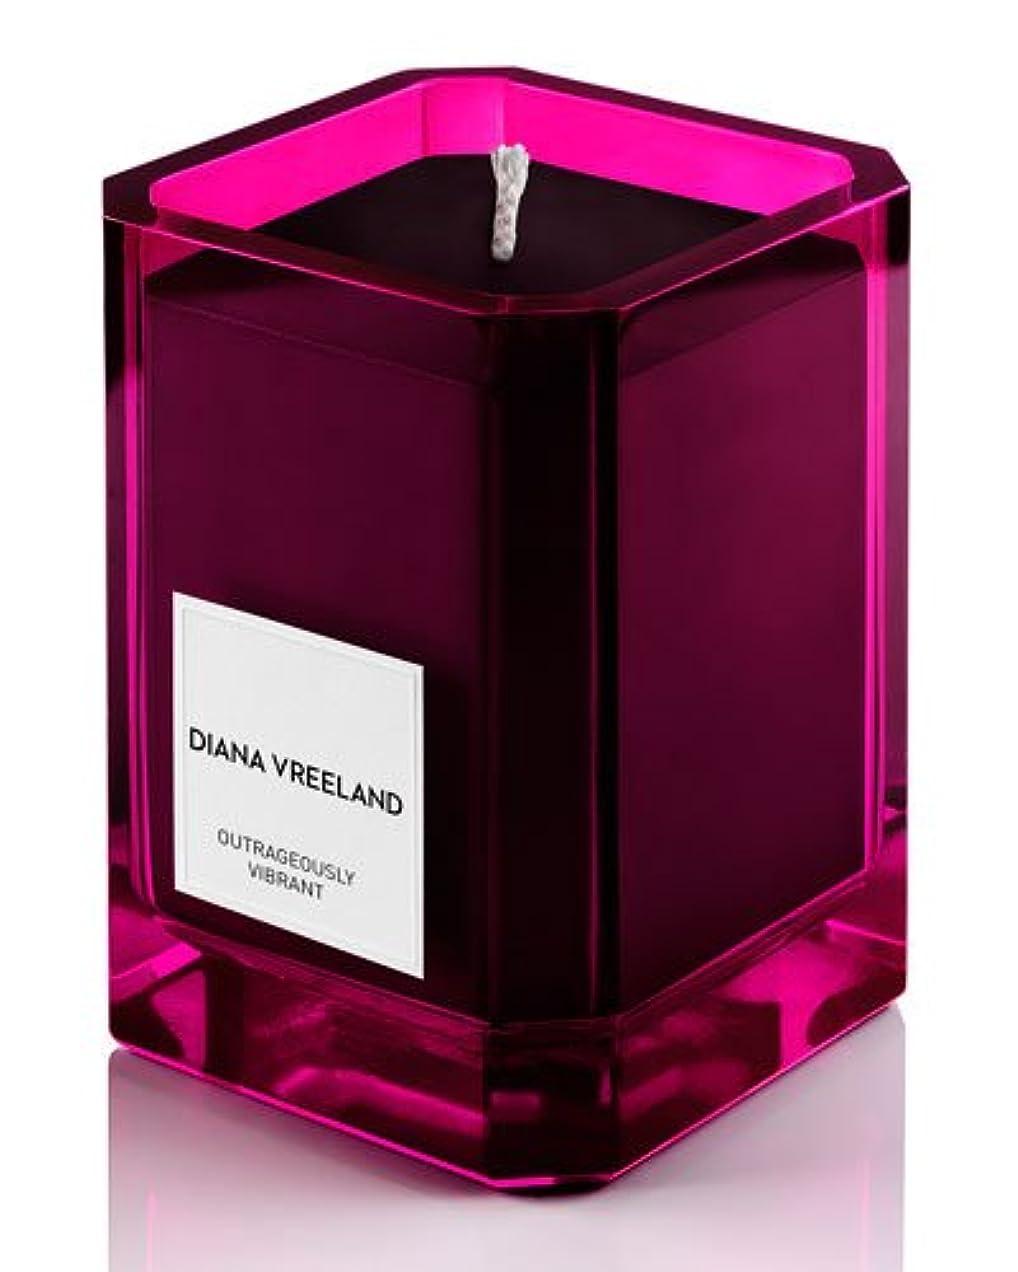 ほとんどないシプリー刺すDiana Vreeland Outrageously Vibrant(ダイアナ ヴリーランド アウトレイジャスリー ヴィブラント)9.7 oz (291ml) Candle(香り付きキャンドル)